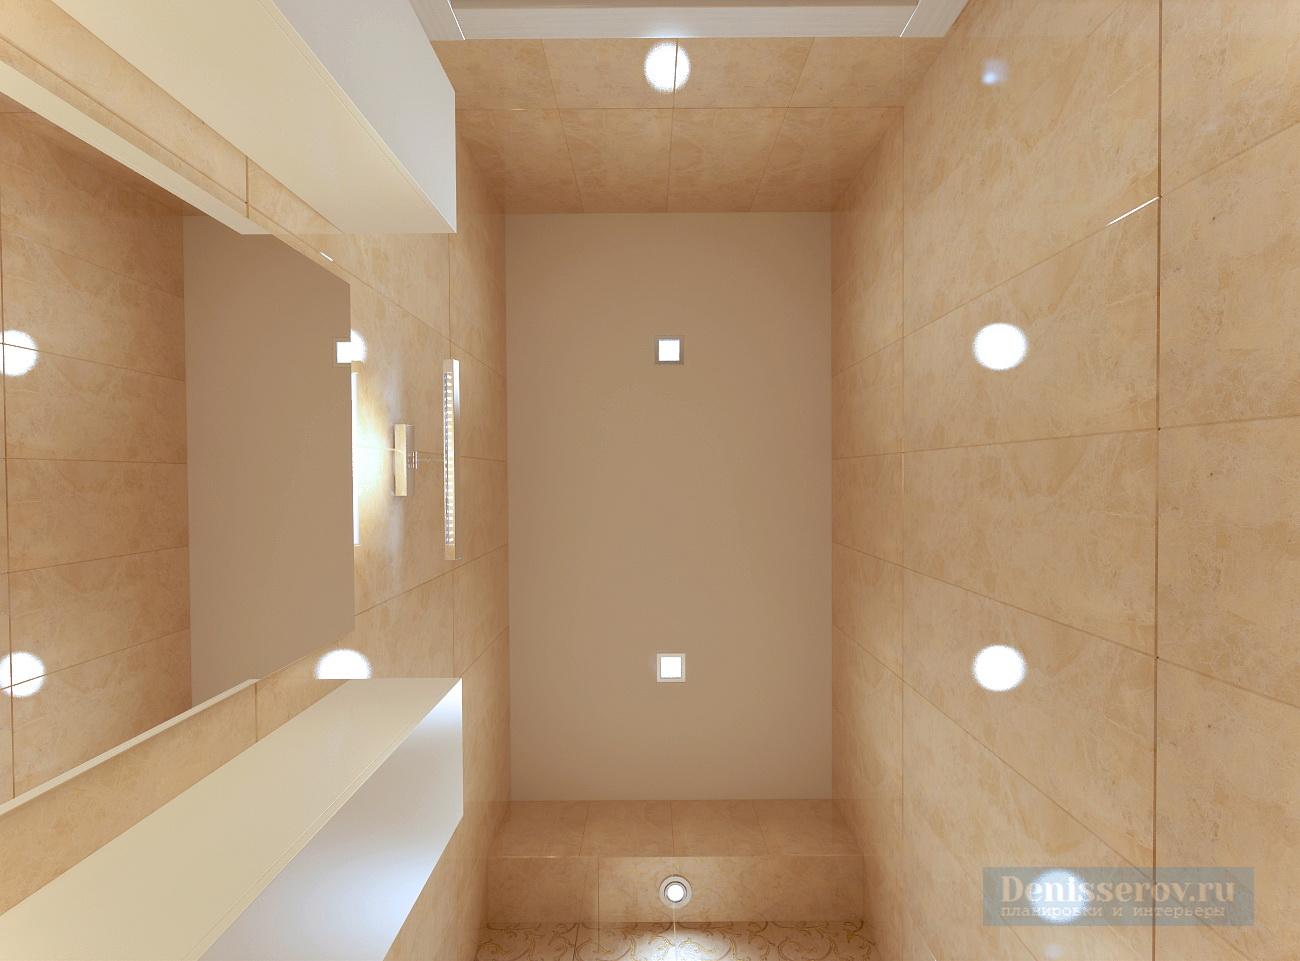 Dizajn-tualet-2-kv-m-v-klassicheskom-stile-2